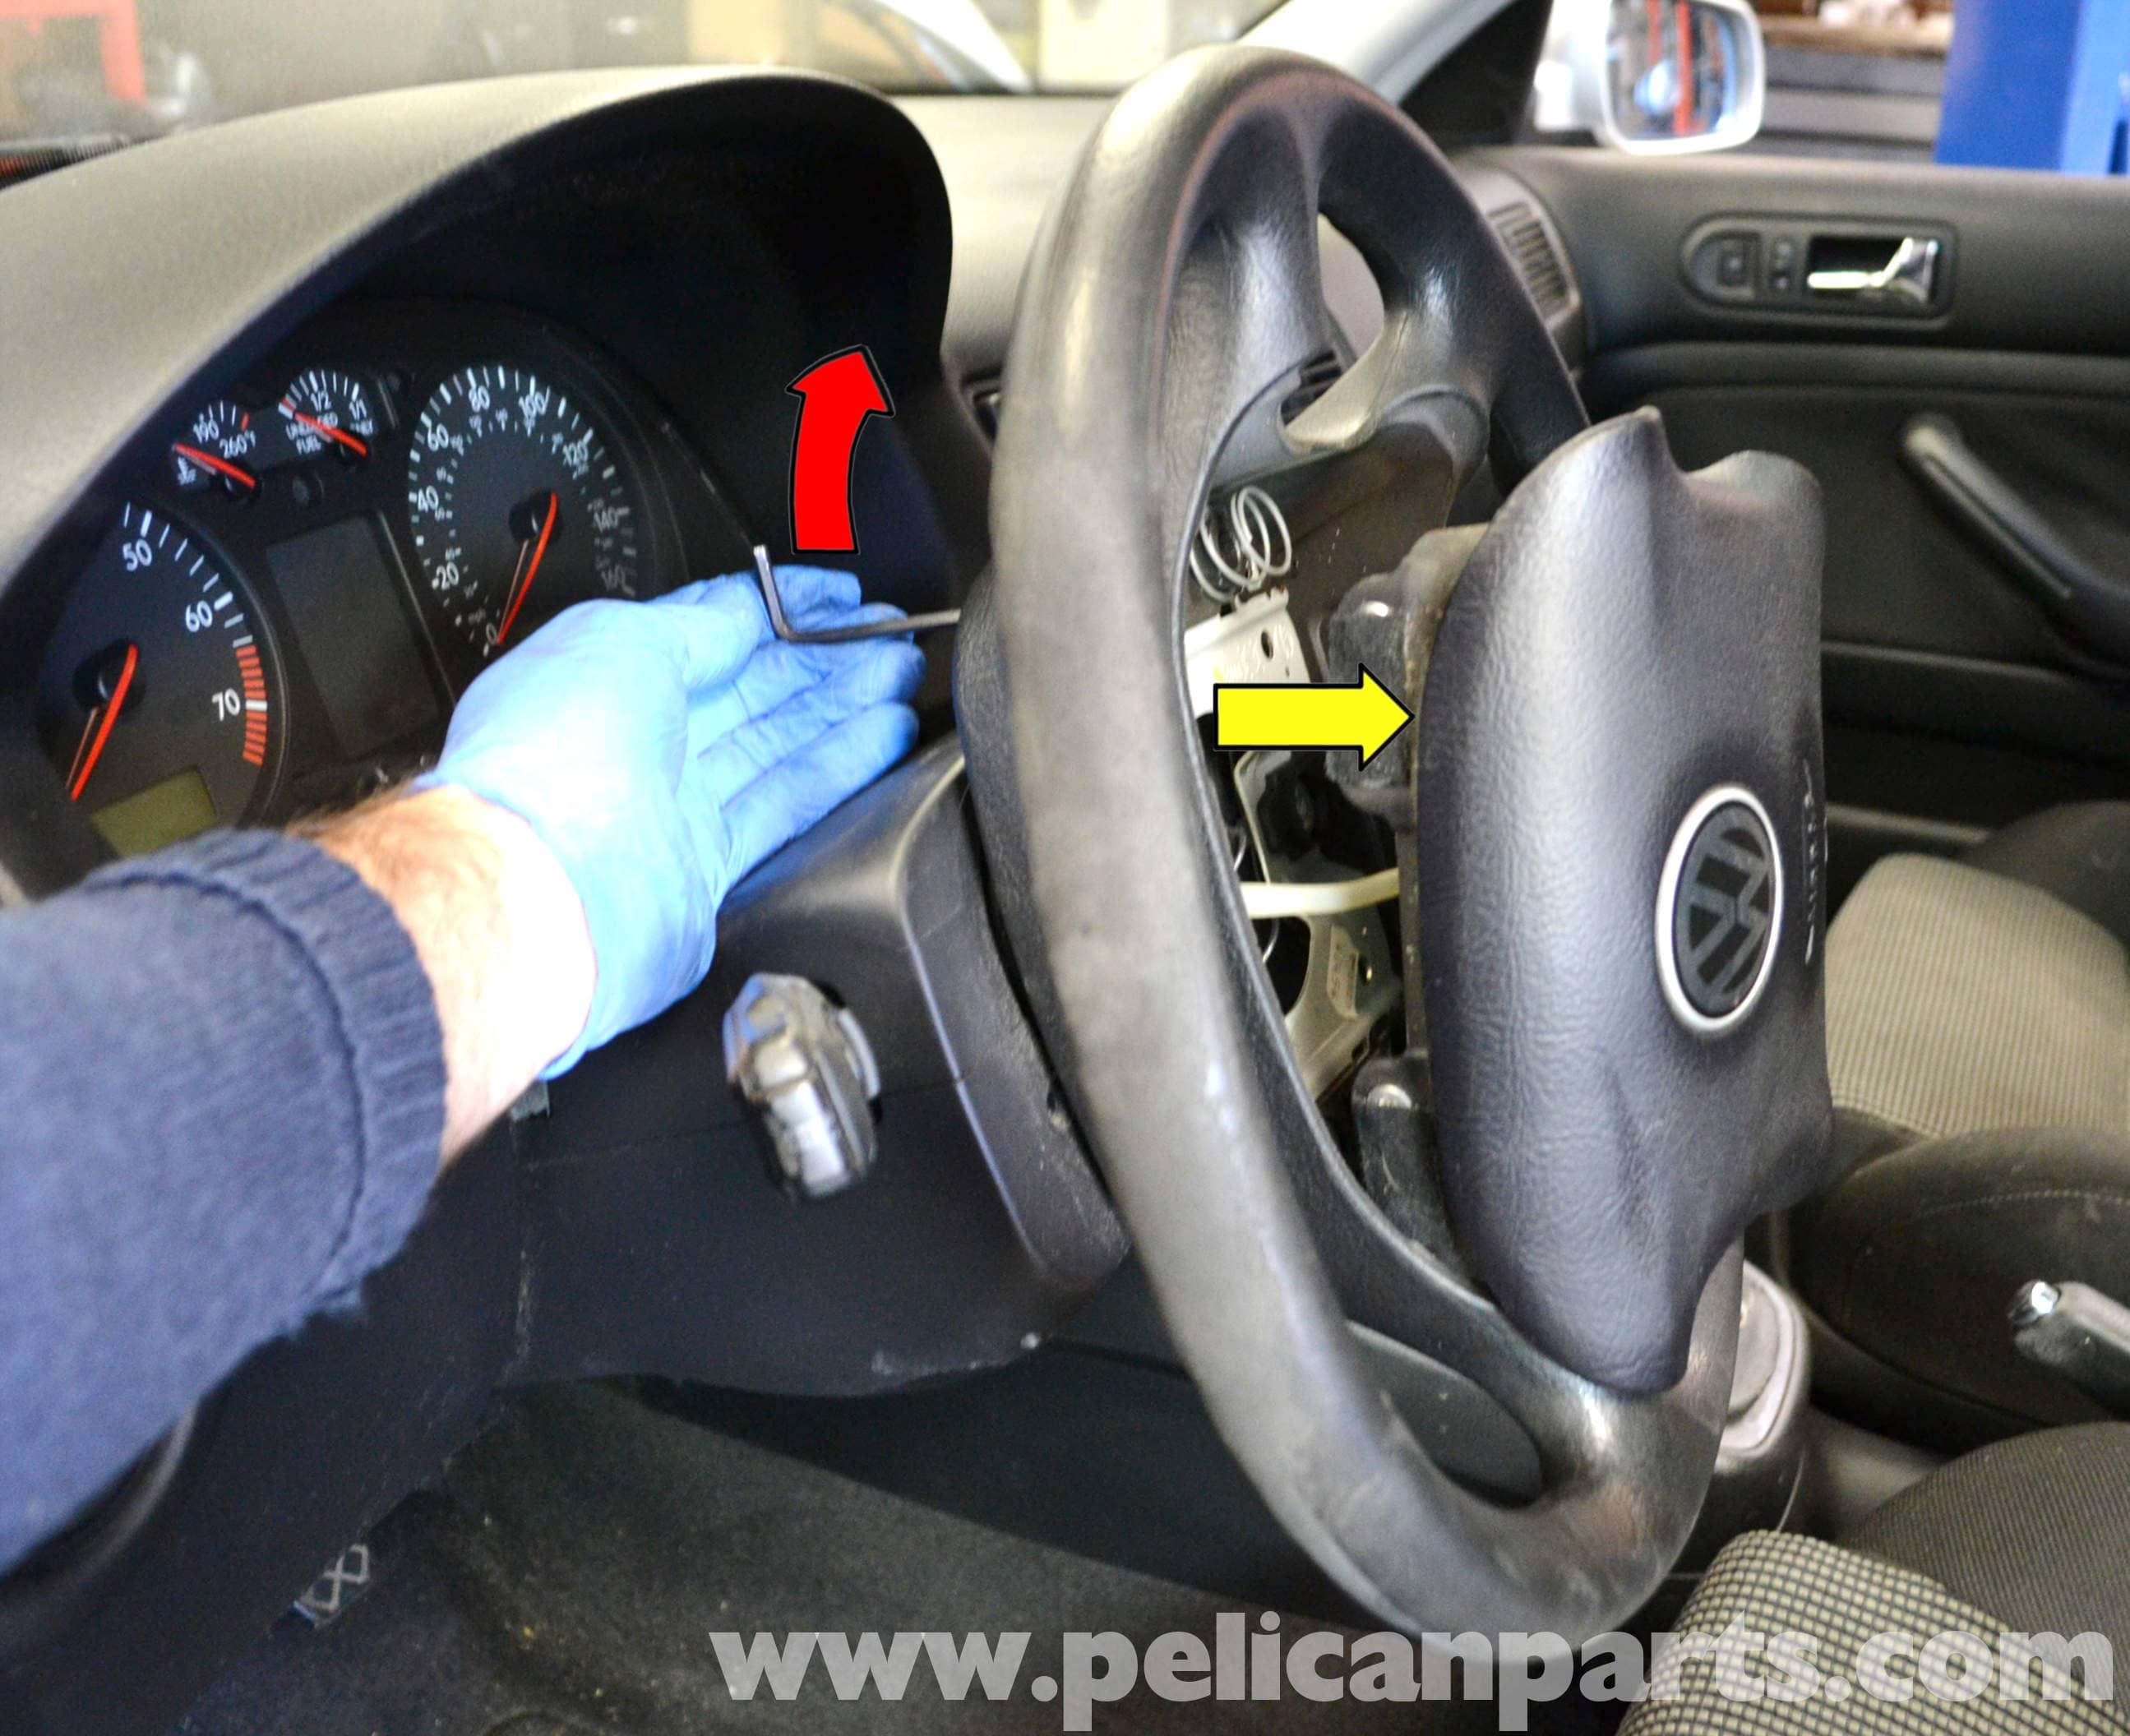 2003 Gti Headlight Wiring Diagram Volkswagen Golf Gti Mk Iv Steering Wheel And Air Bag